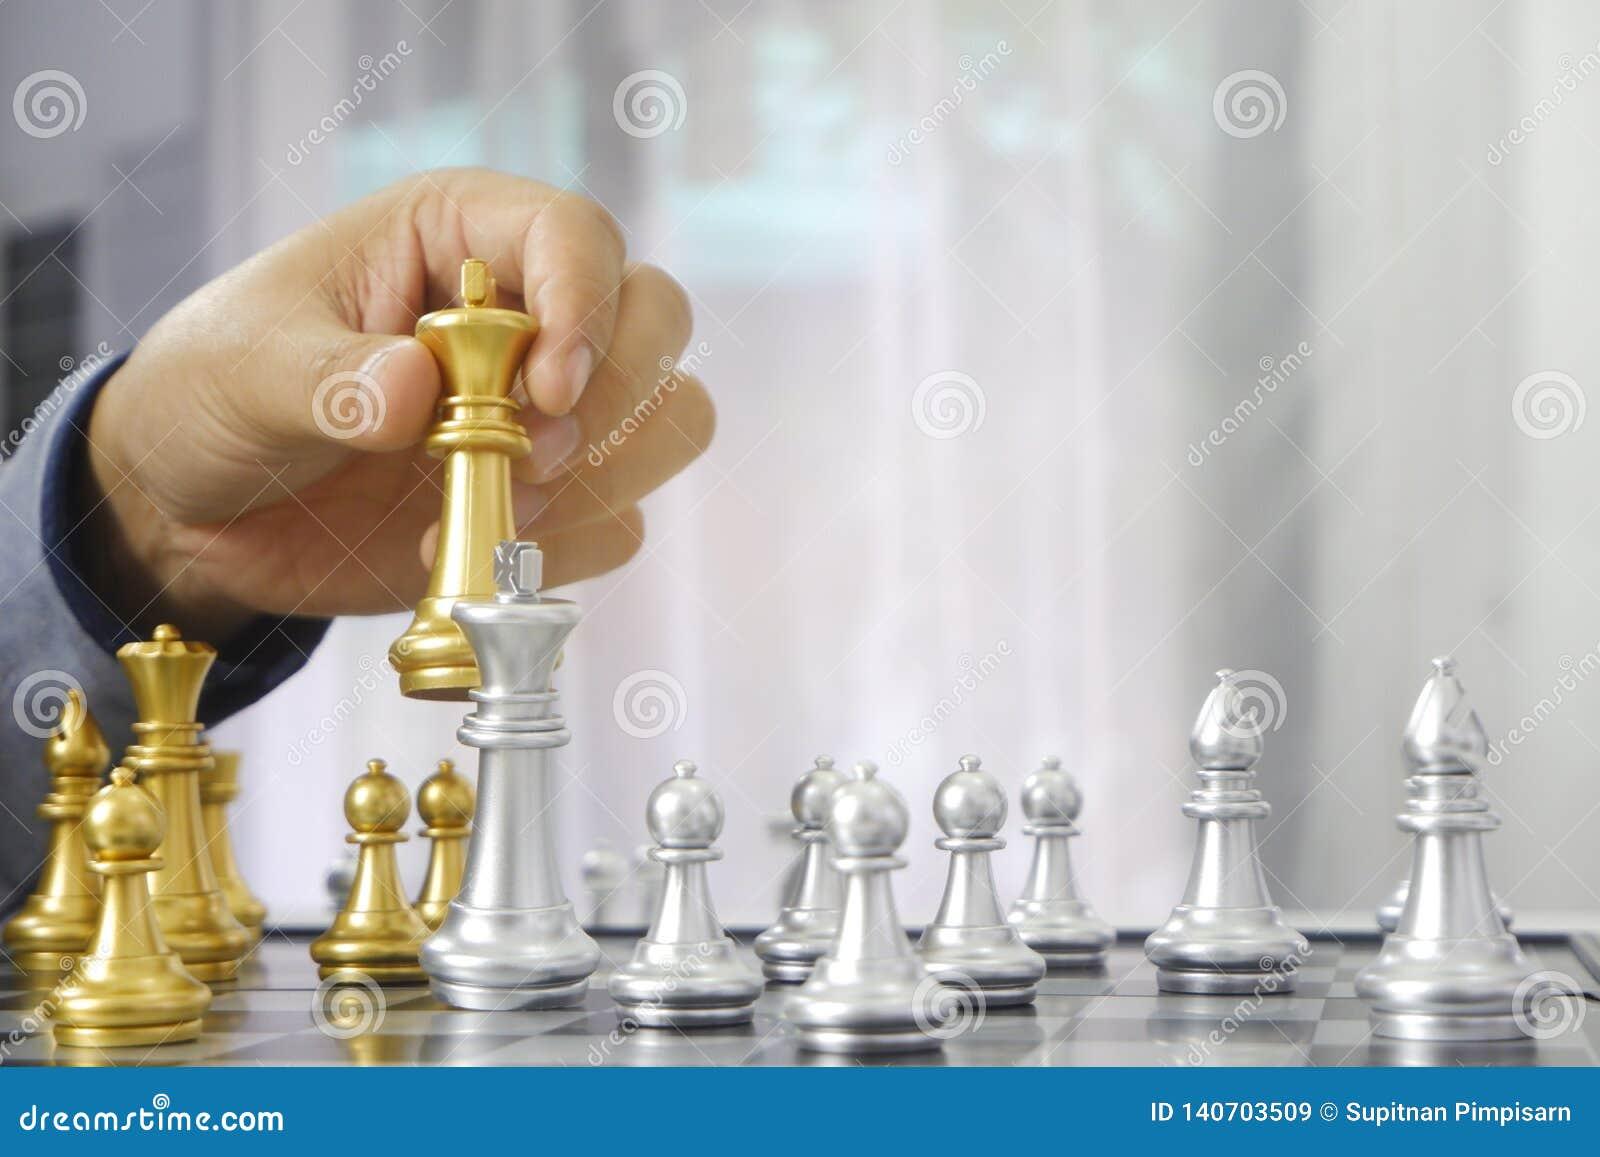 Hombre de negocios que juega al juego de ajedrez; para la estrategia empresarial, dirección y concepto de la gestión